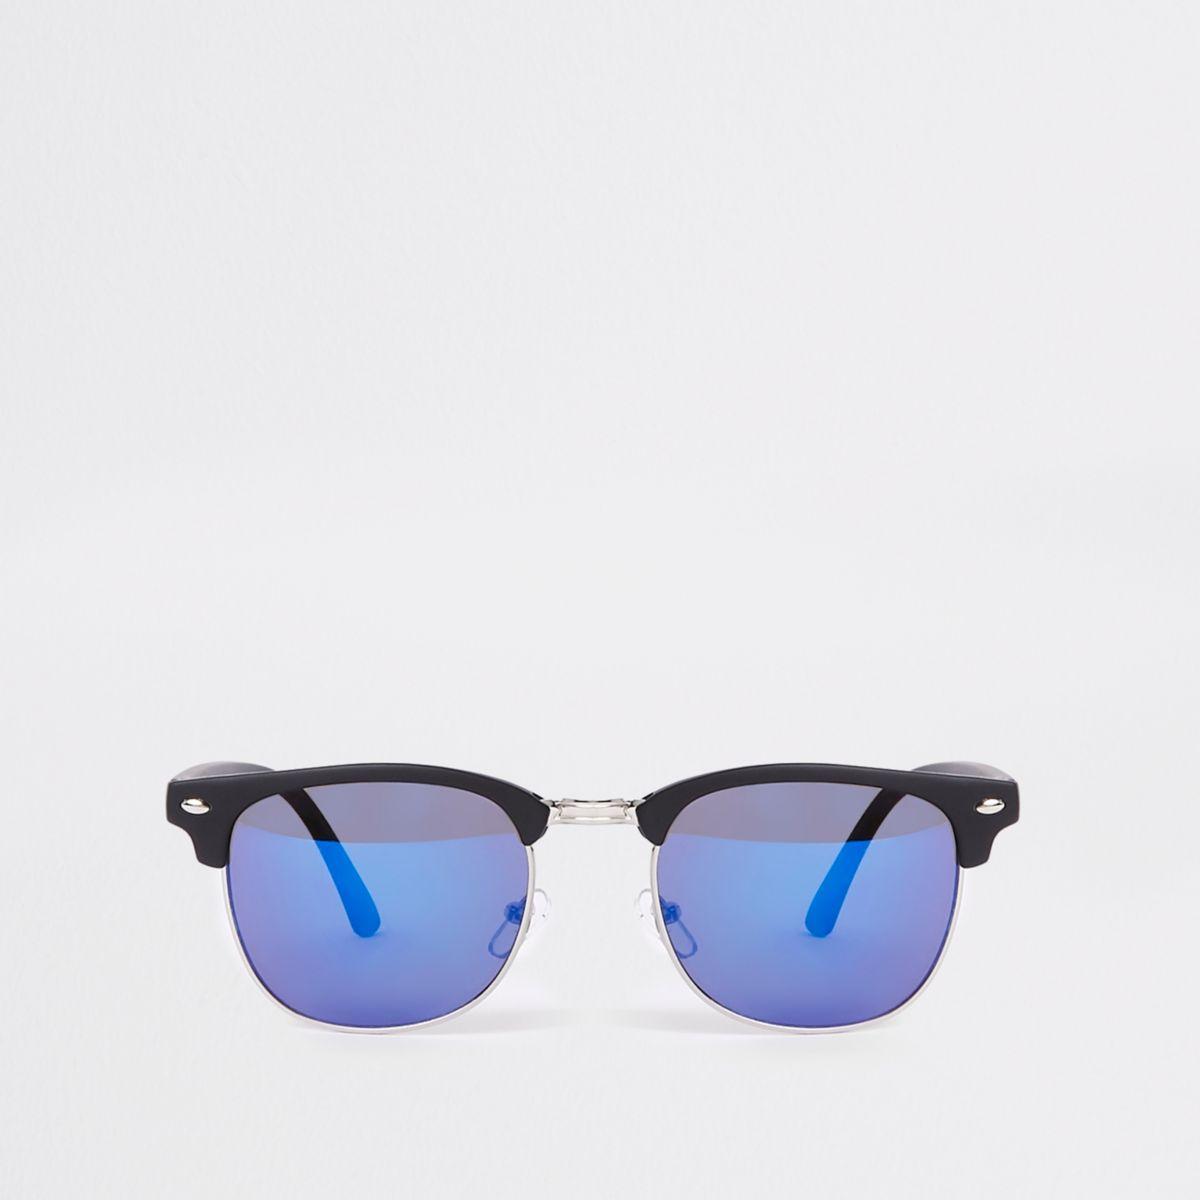 River Island Lunettes de soleil rétro noires à demi-monture et verres bleus